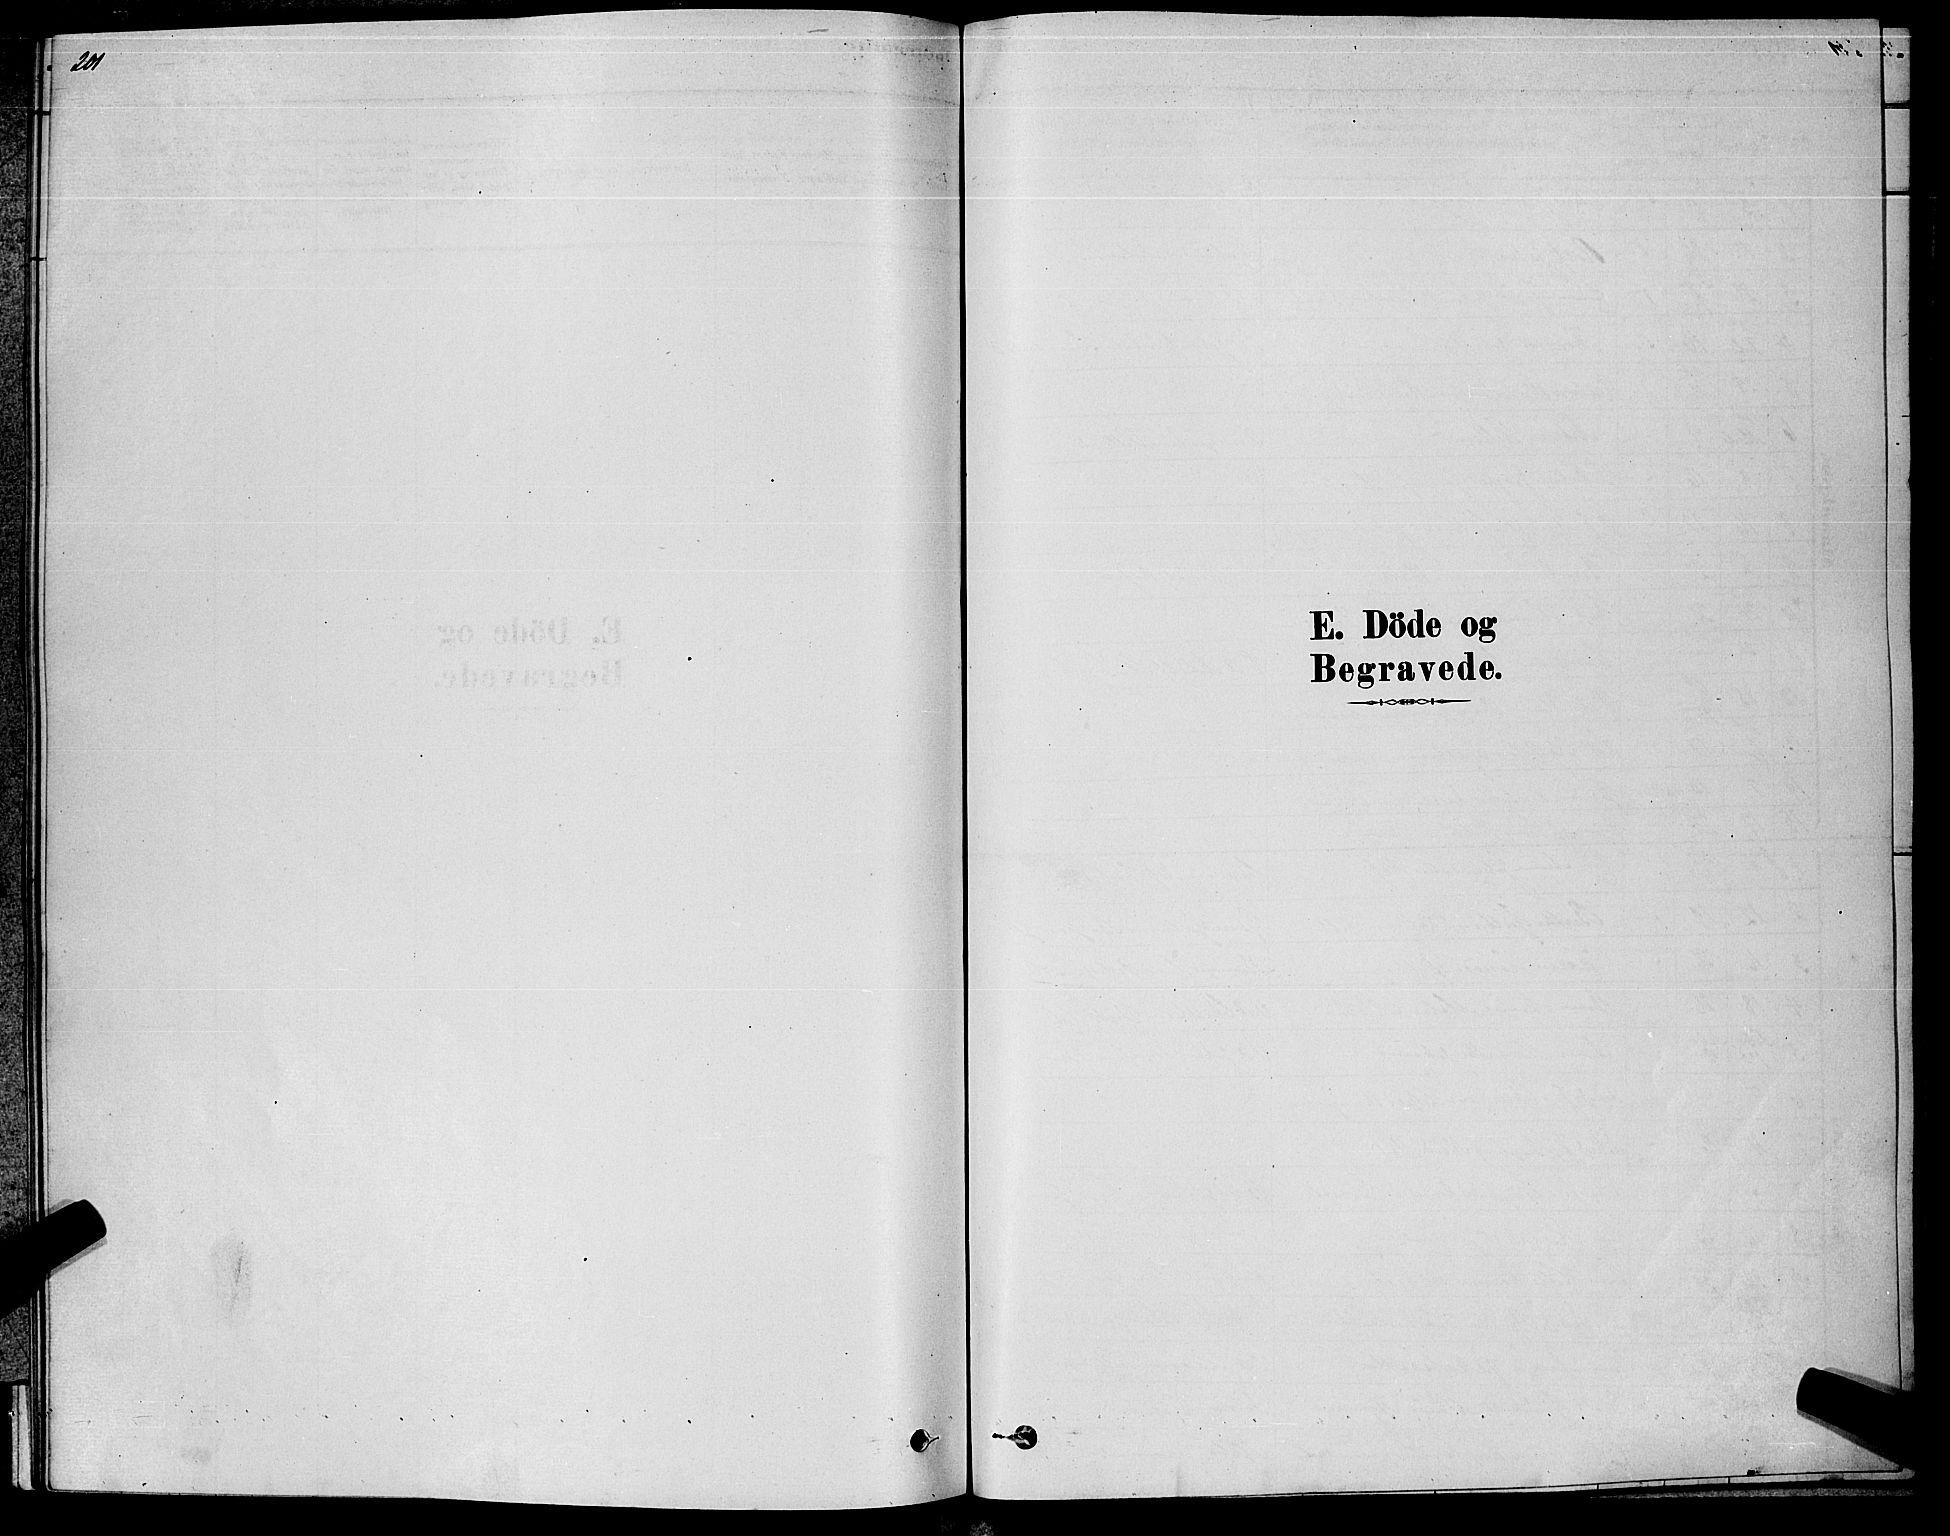 SAKO, Kongsberg kirkebøker, G/Ga/L0005: Klokkerbok nr. 5, 1878-1889, s. 201